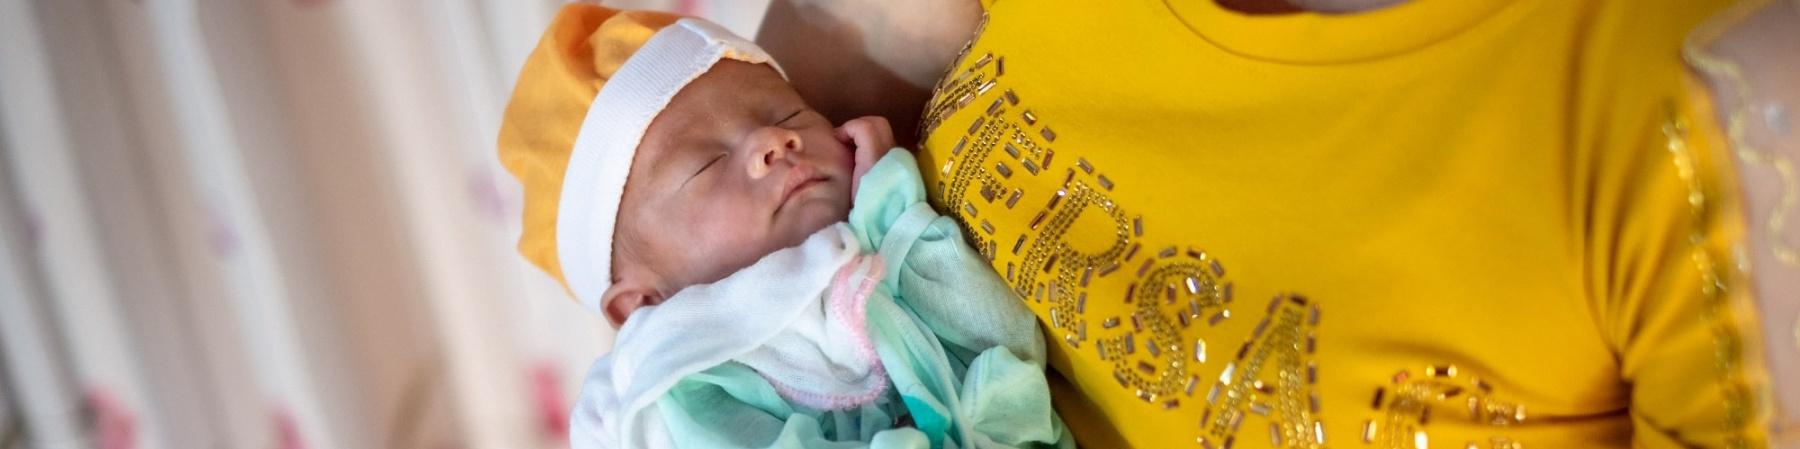 neonato con berrettino e tutina in braccio ad una donna